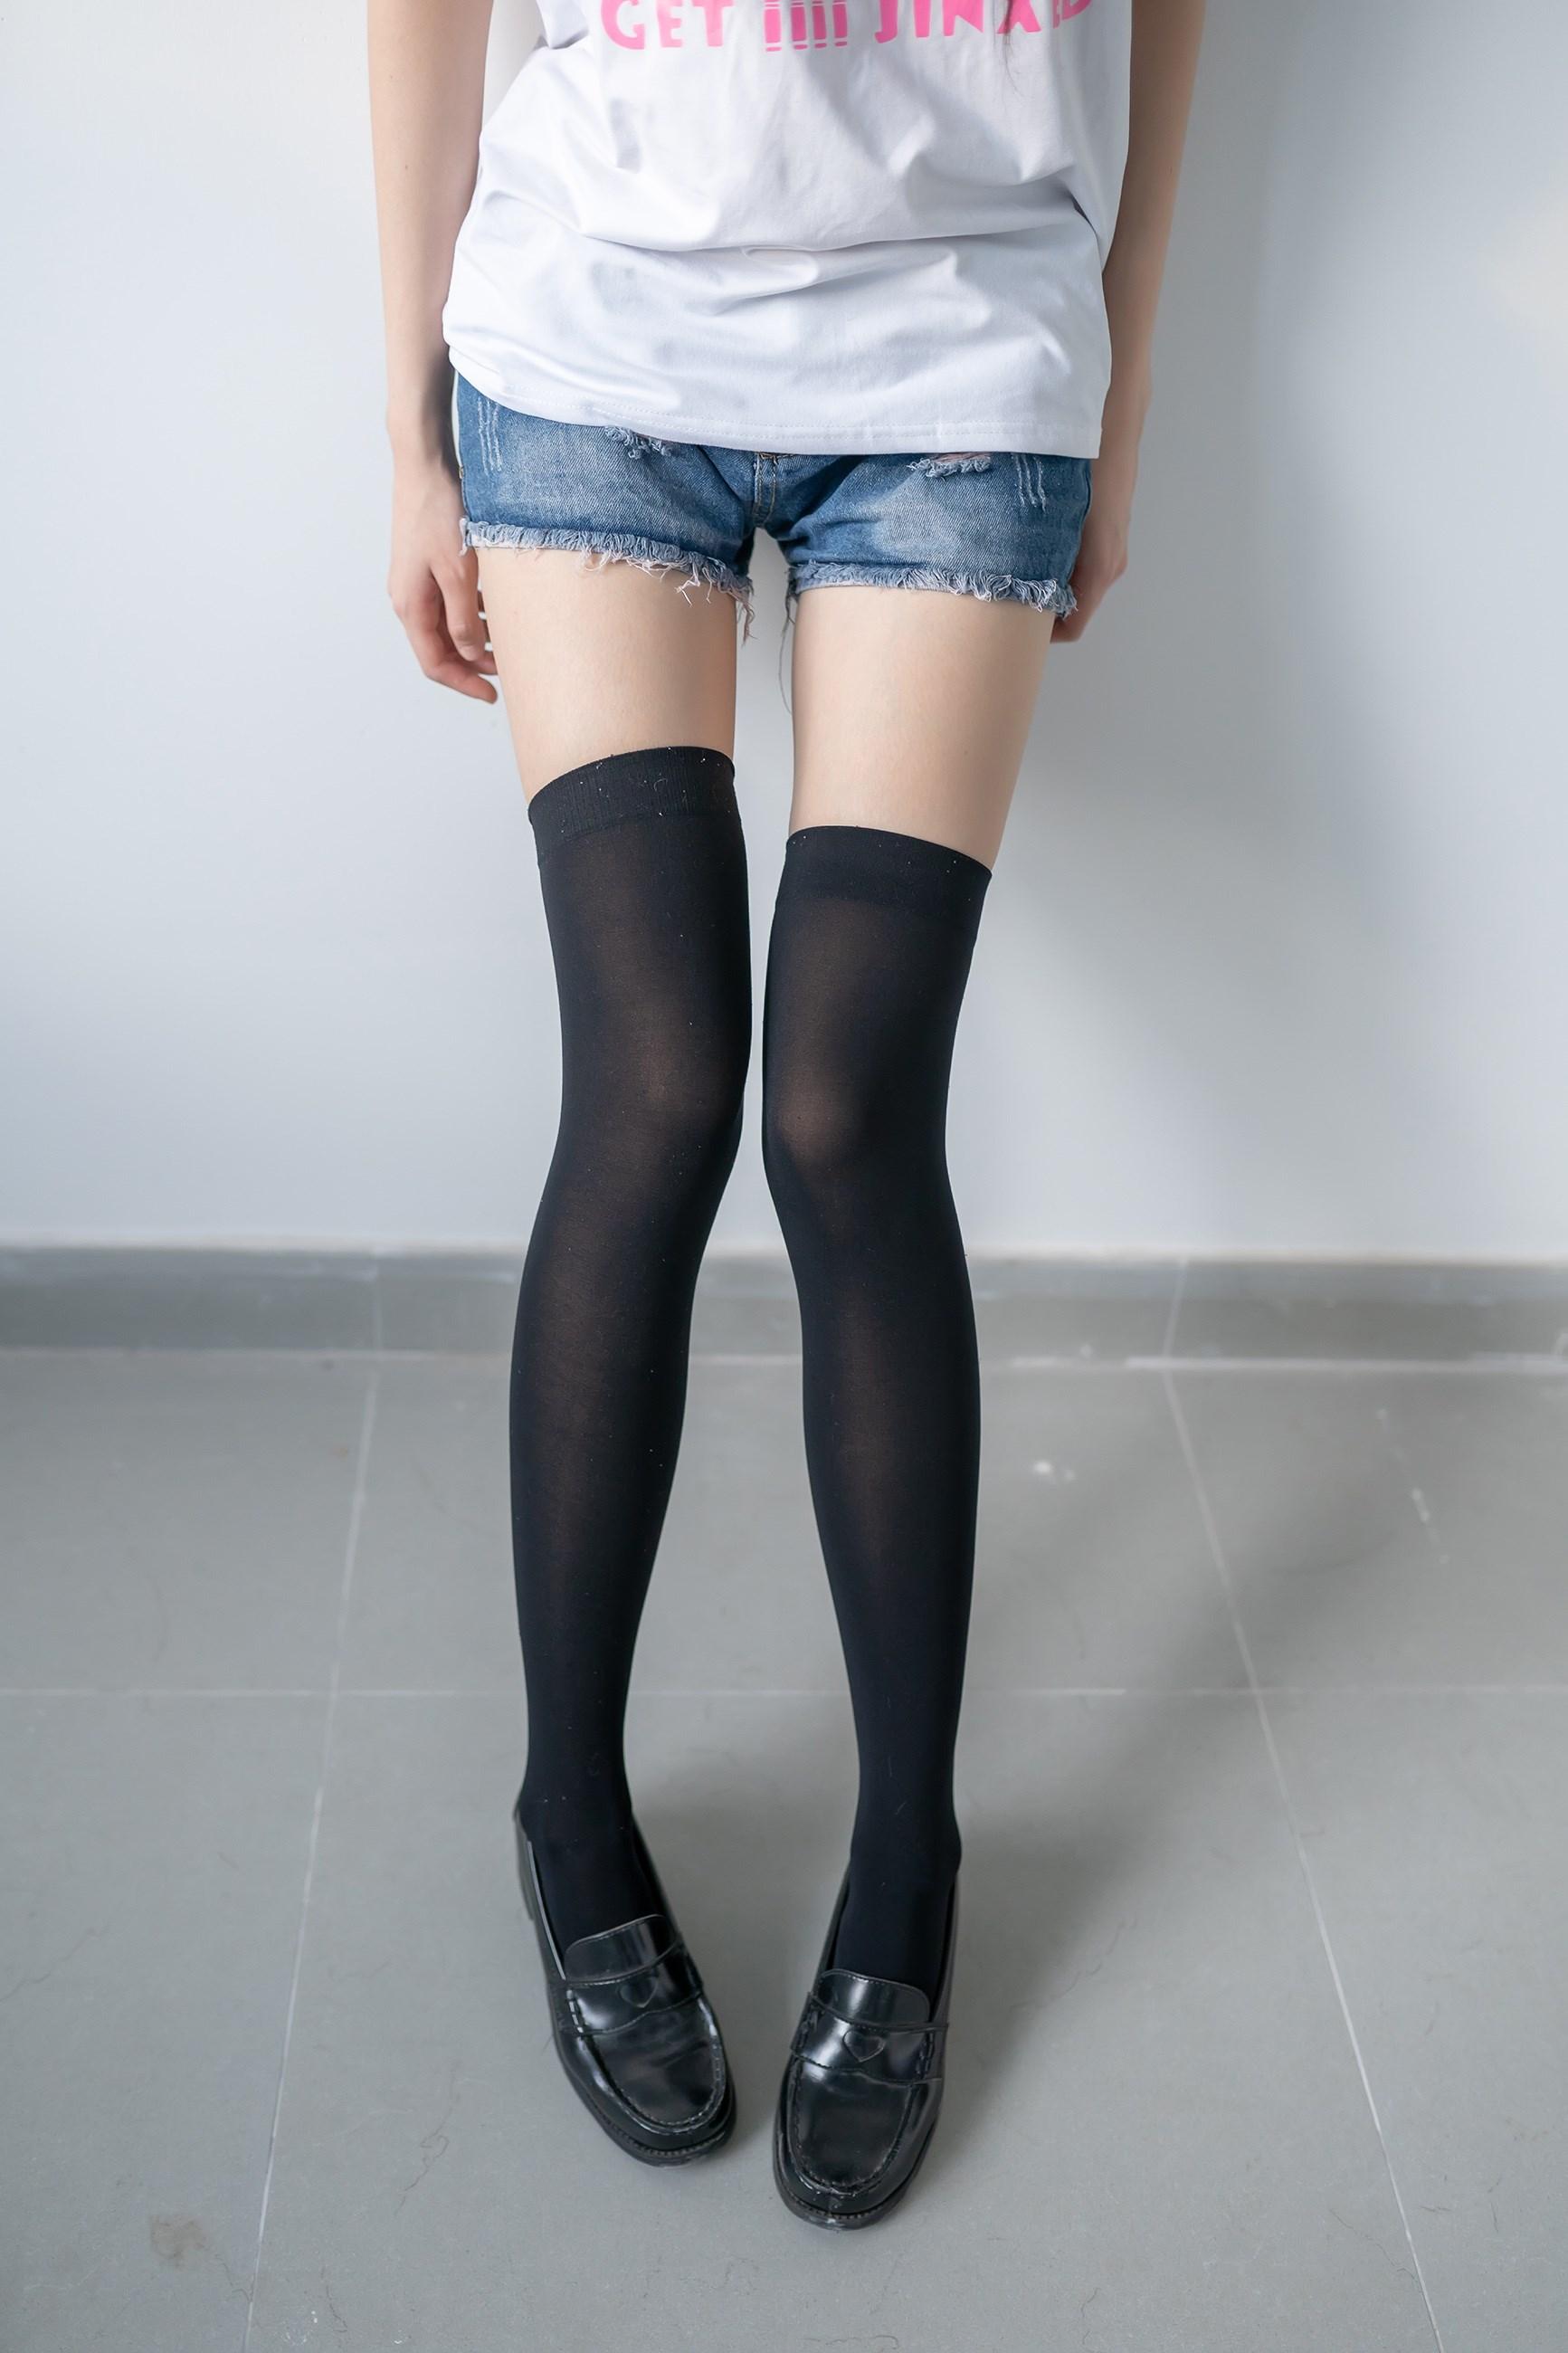 【兔玩映画】黑色半筒袜 兔玩映画 第1张